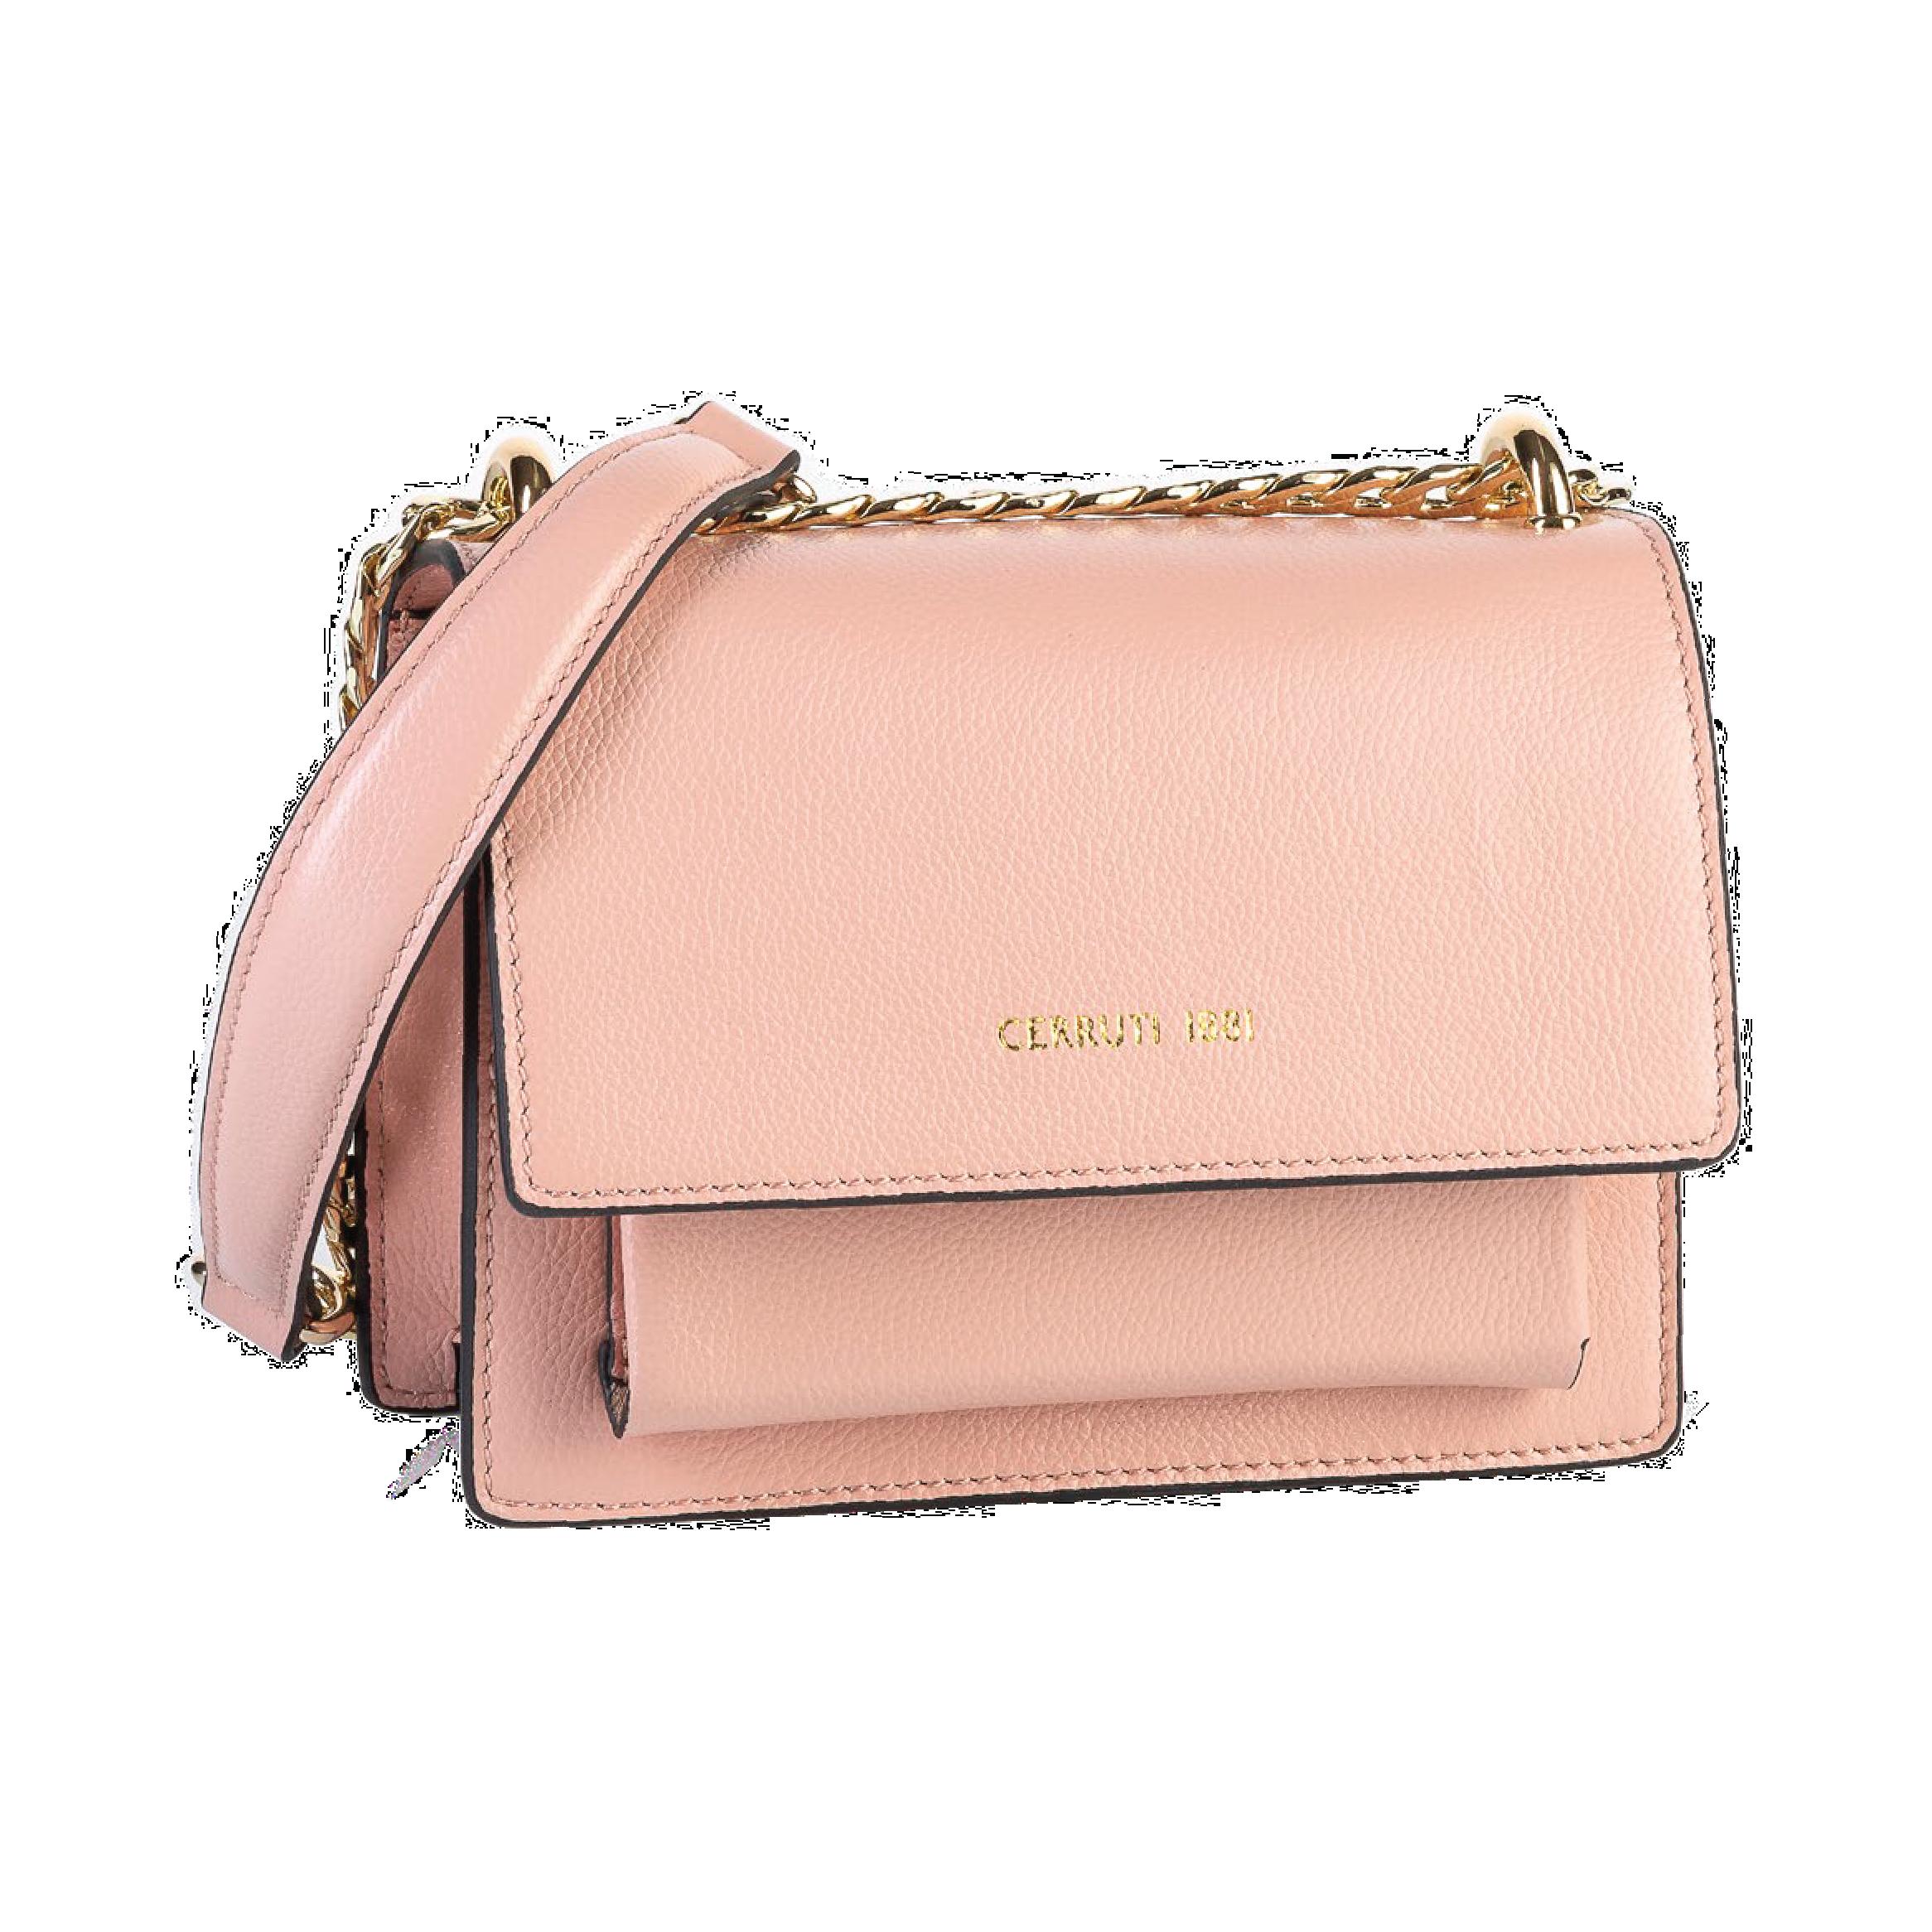 Cerruti Woman Bag Pink